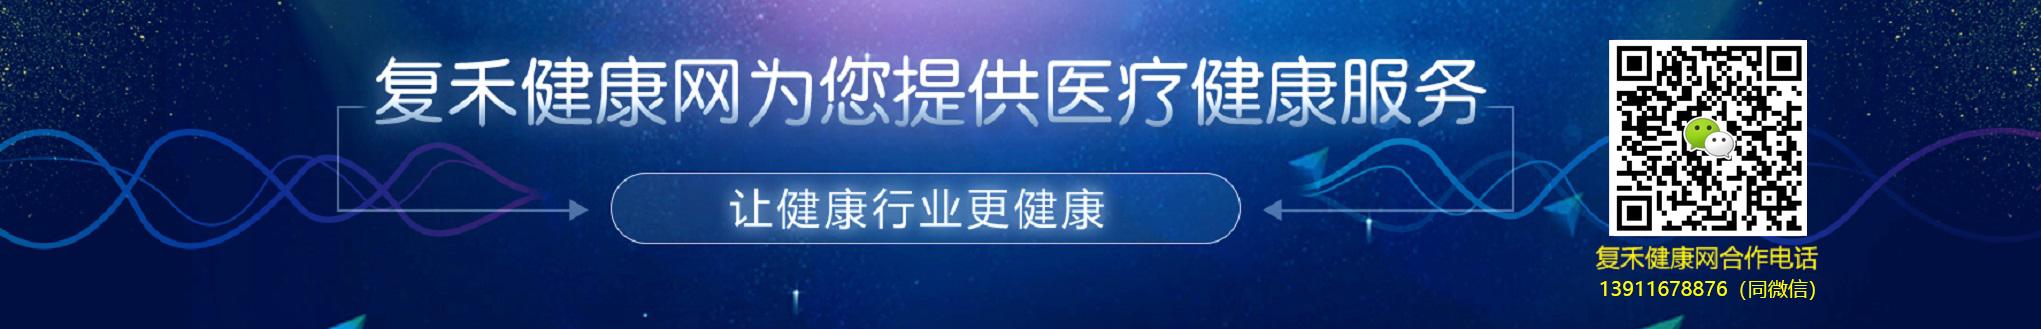 上海新科脑康医院1